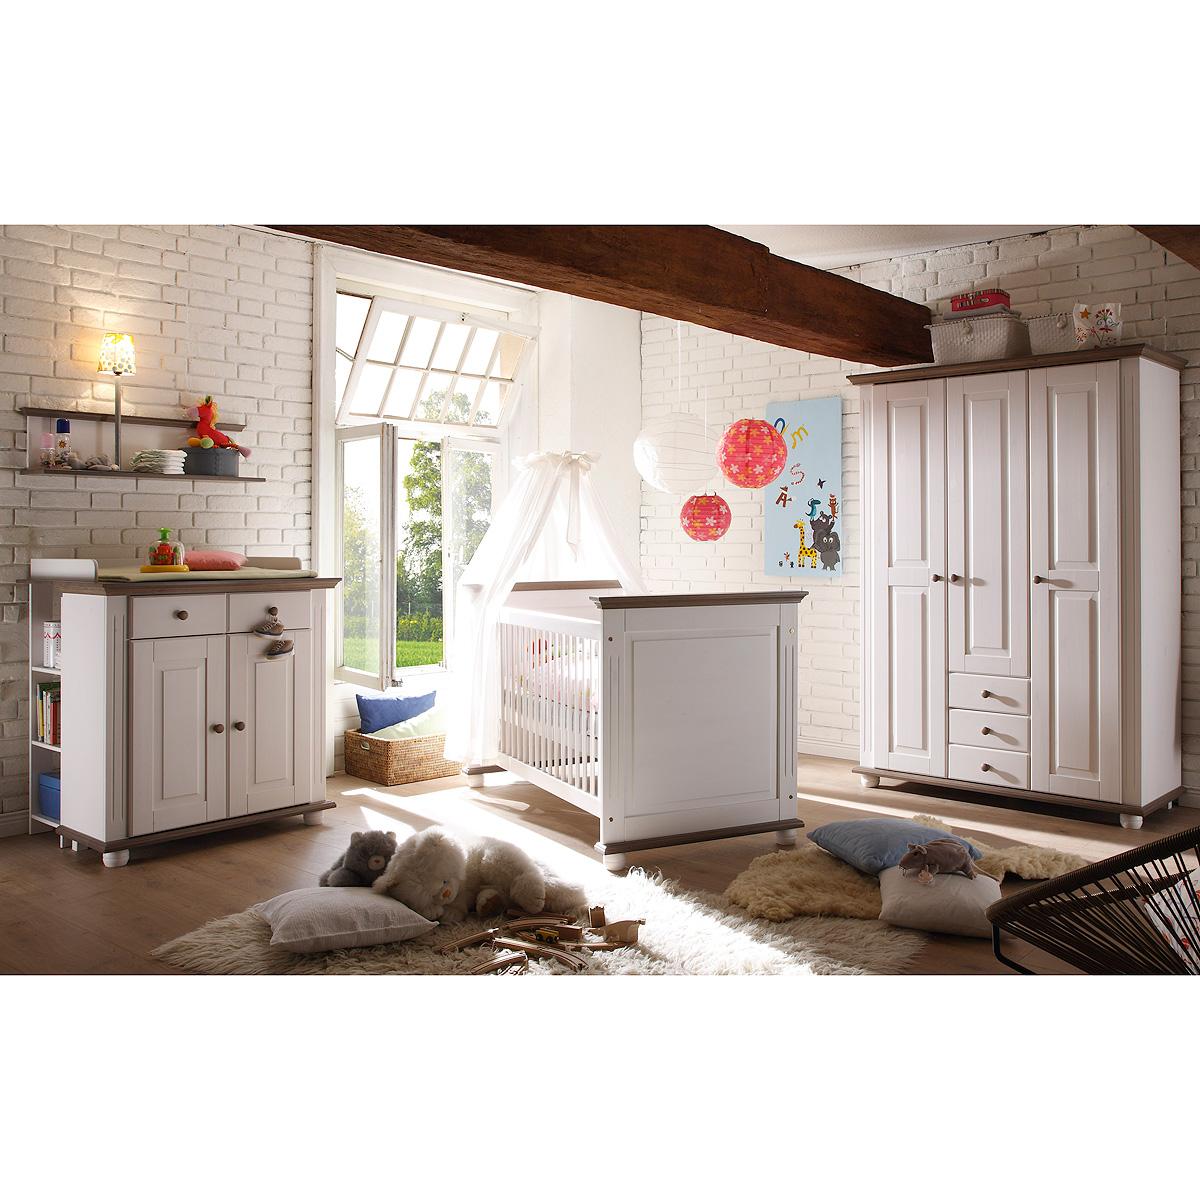 babyzimmer 3 laura kinderzimmer in kiefer massiv wei und lava ebay. Black Bedroom Furniture Sets. Home Design Ideas